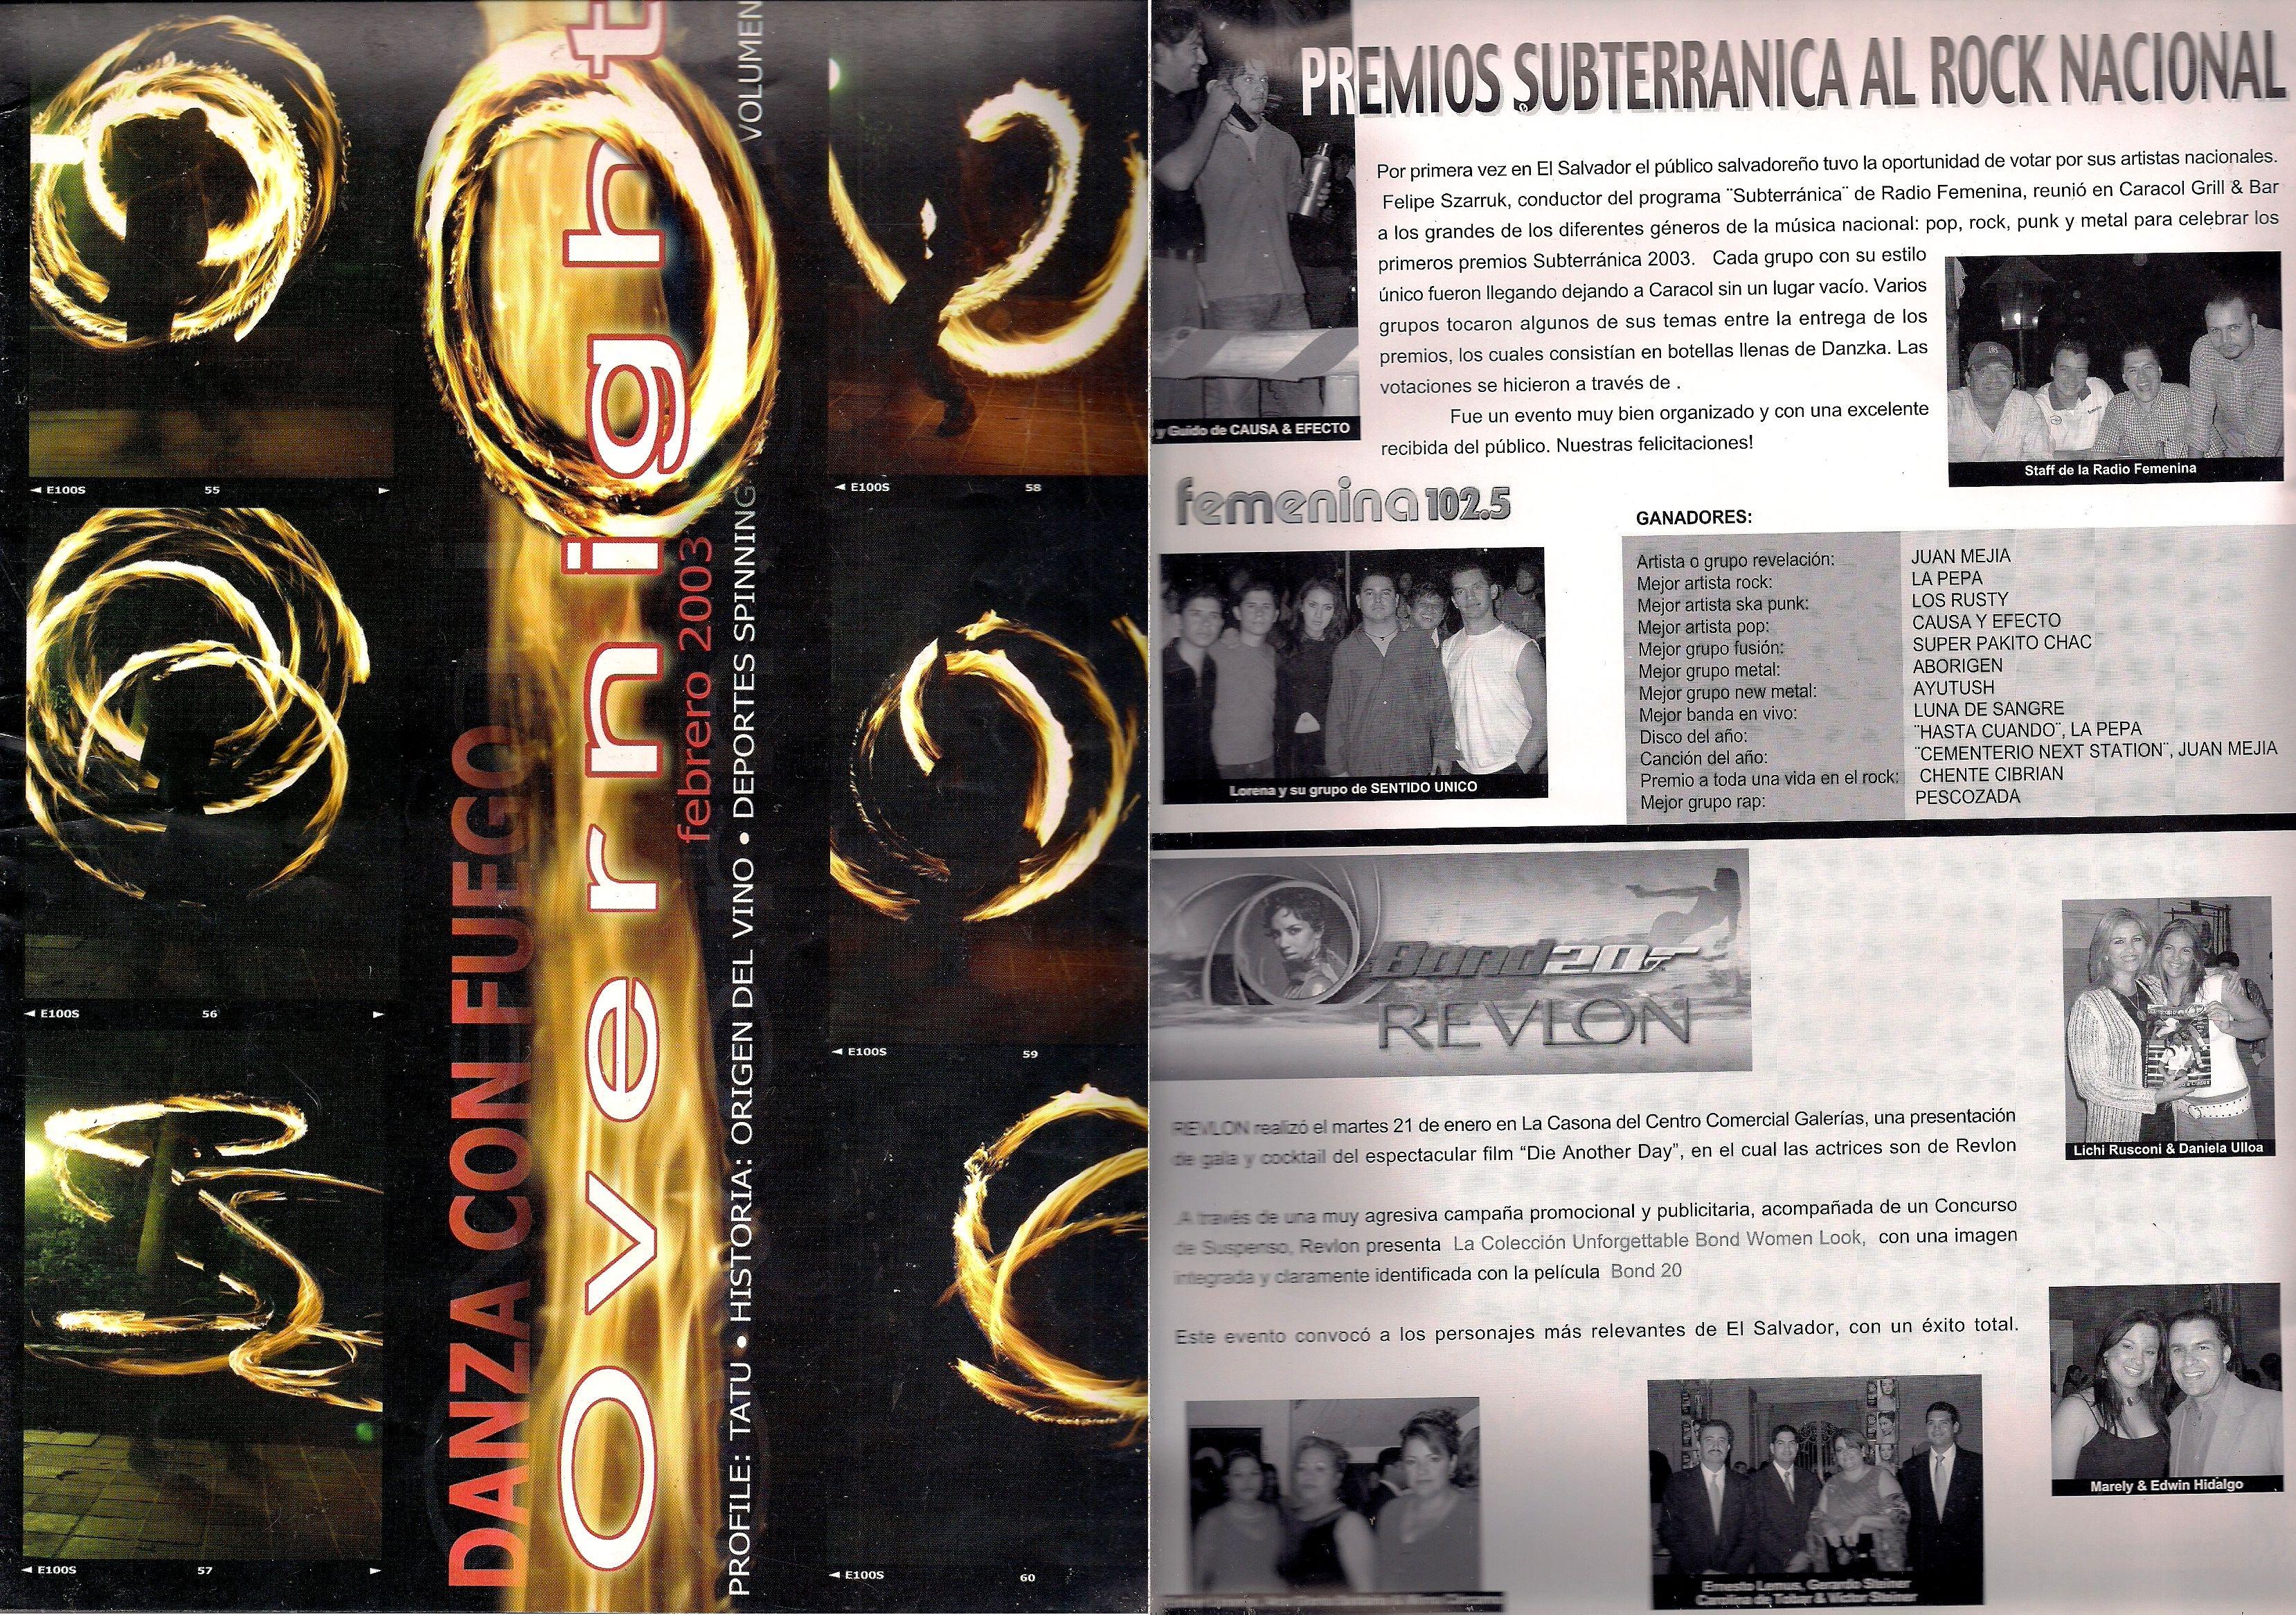 Publicación en Overnigth El Salvador sobre la primera entrega de premios en 2003